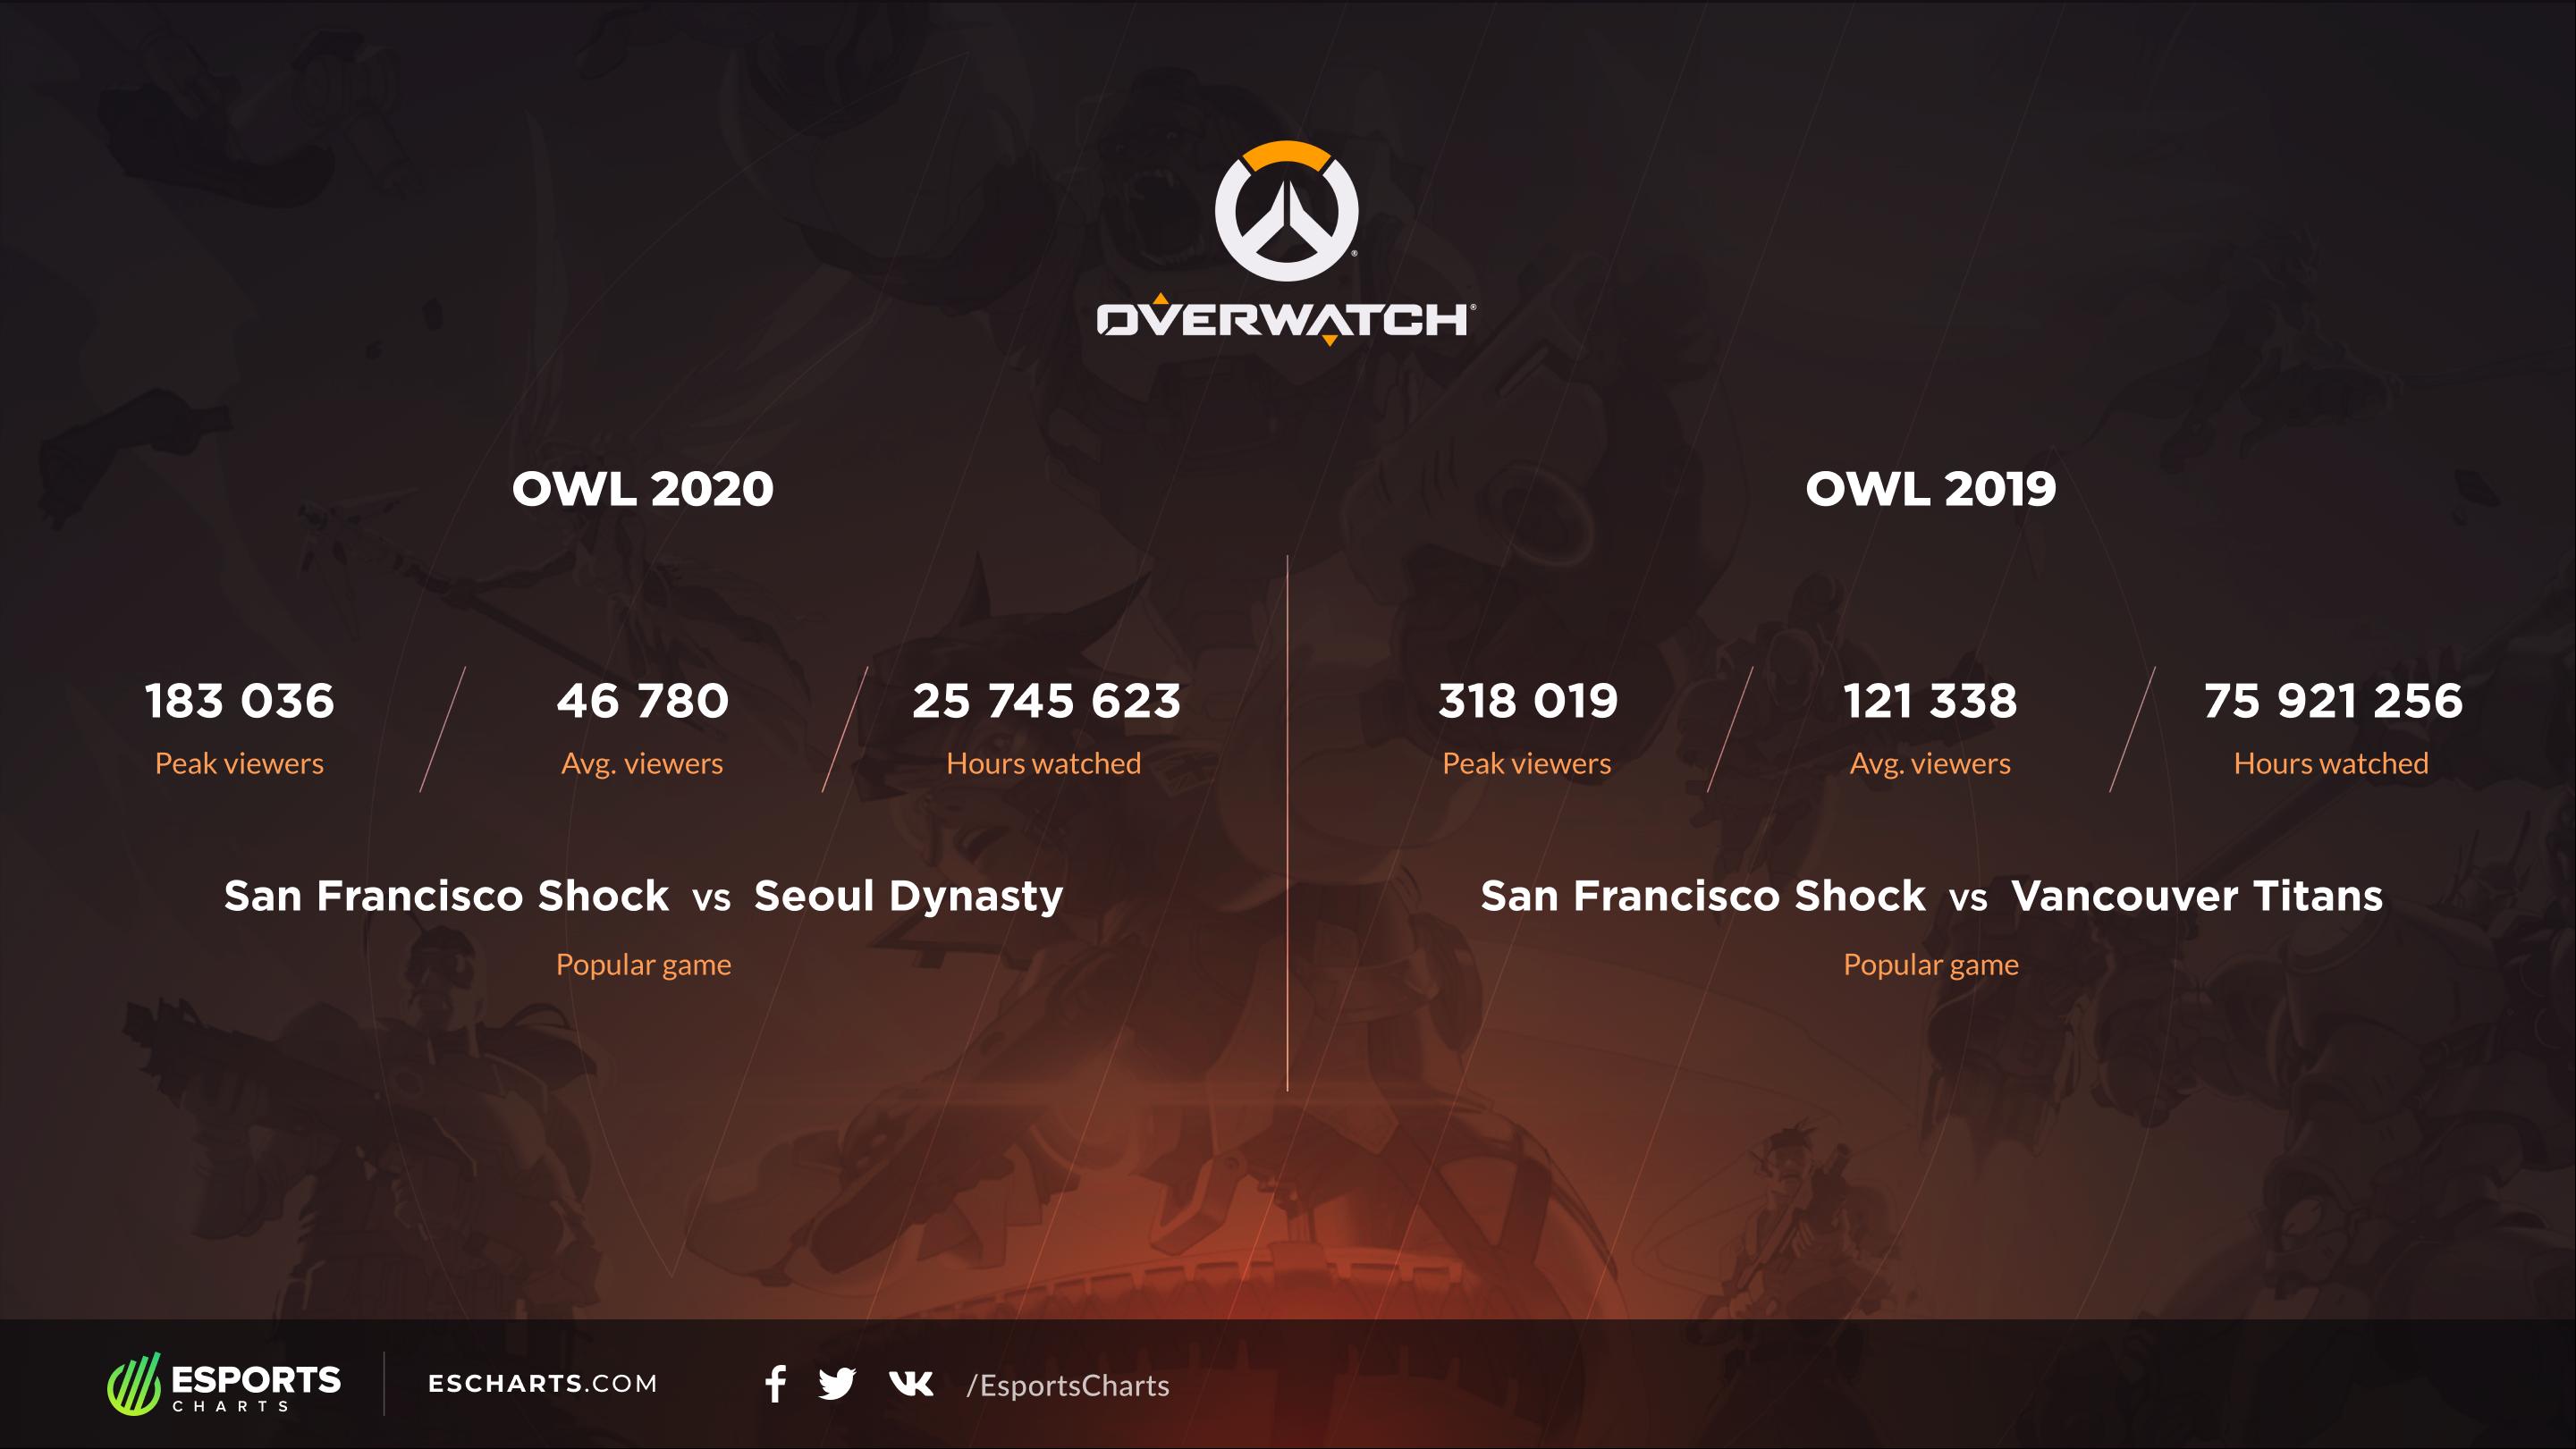 Overwatch – Overwatch League 2020 registra alta queda de espectadores!